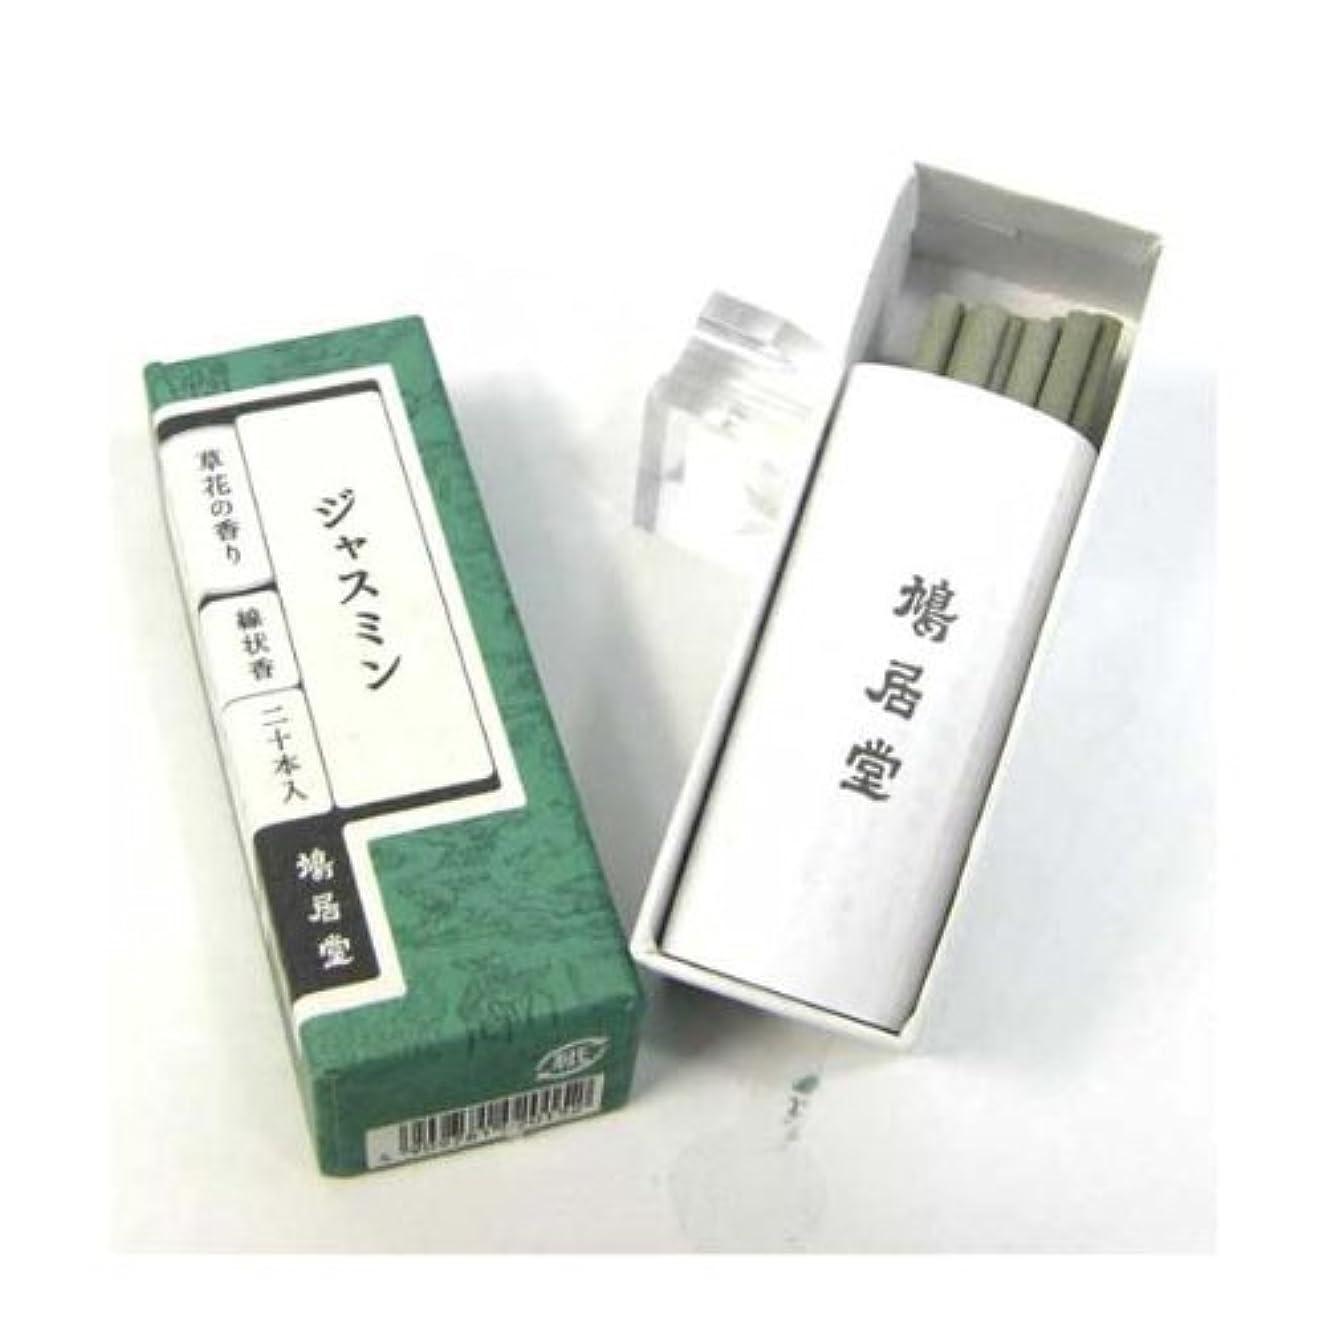 マイクロ彫刻聞く鳩居堂 お香 ジャスミン 草花の香りシリーズ スティックタイプ(棒状香)20本いり